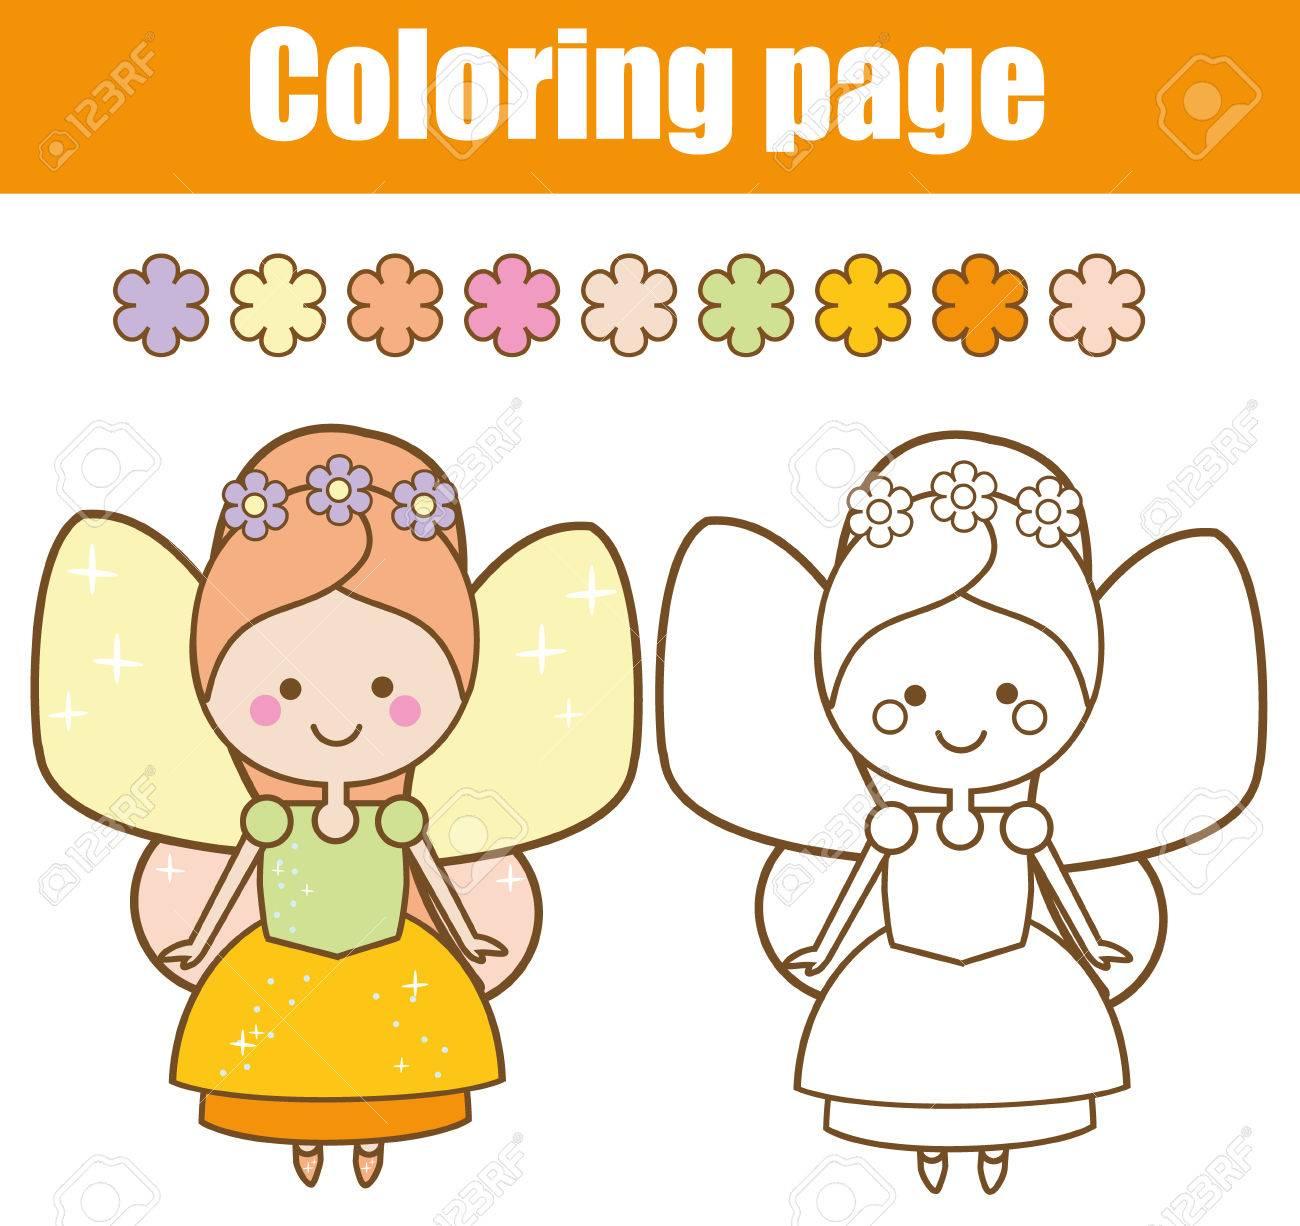 Página Para Colorear Con Linda Hada Con Alas En Estilo Kawaii Colorea La Imagen Juego Educativo Para Niños Dibujo De Actividad Infantil Hoja